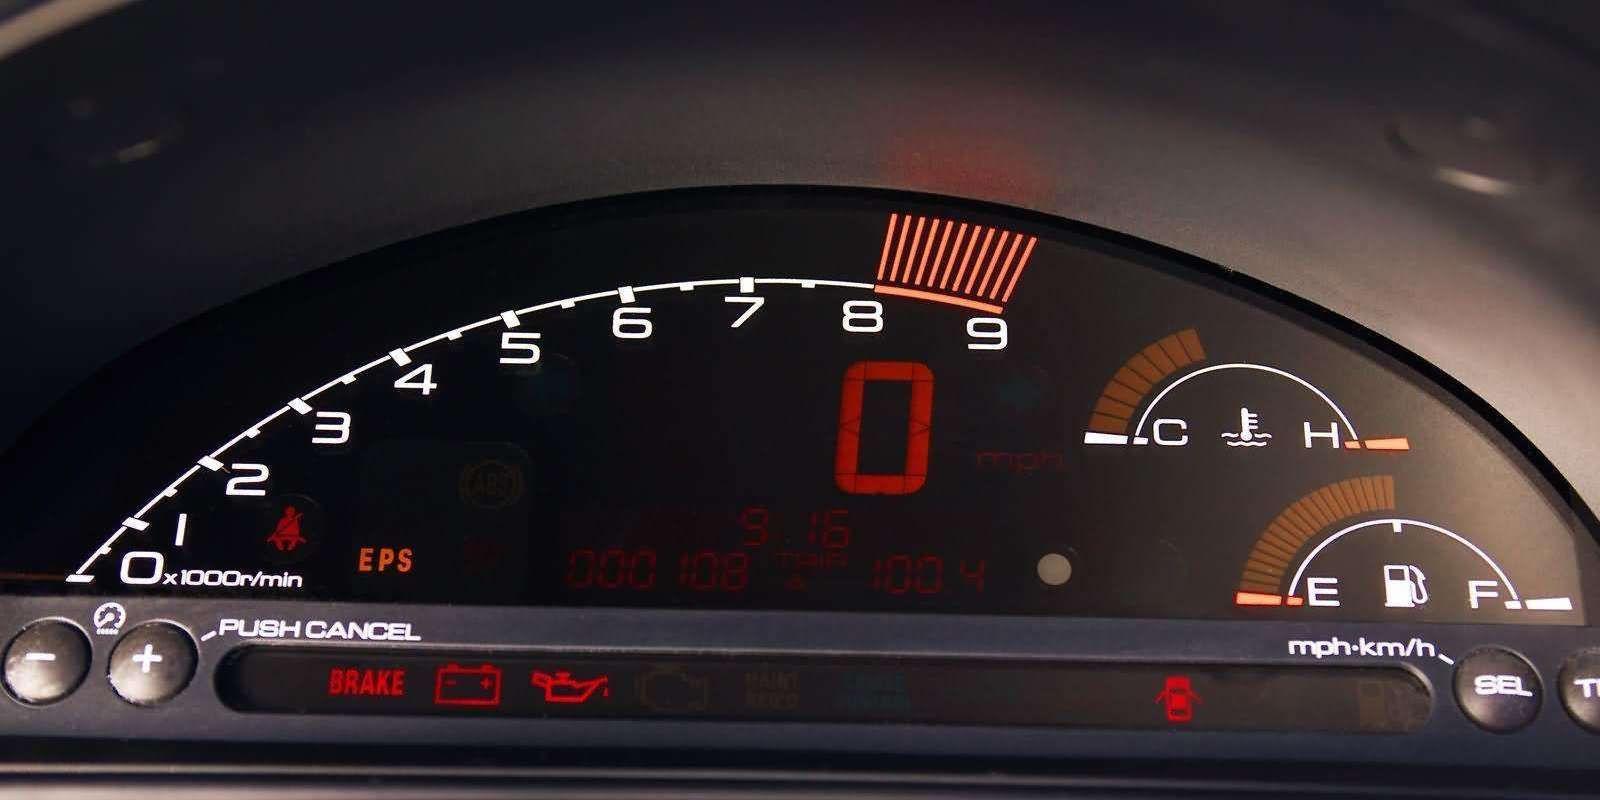 13 Coolest Digital Gauges Ever Made - Best Car Dashboard Designs Ever